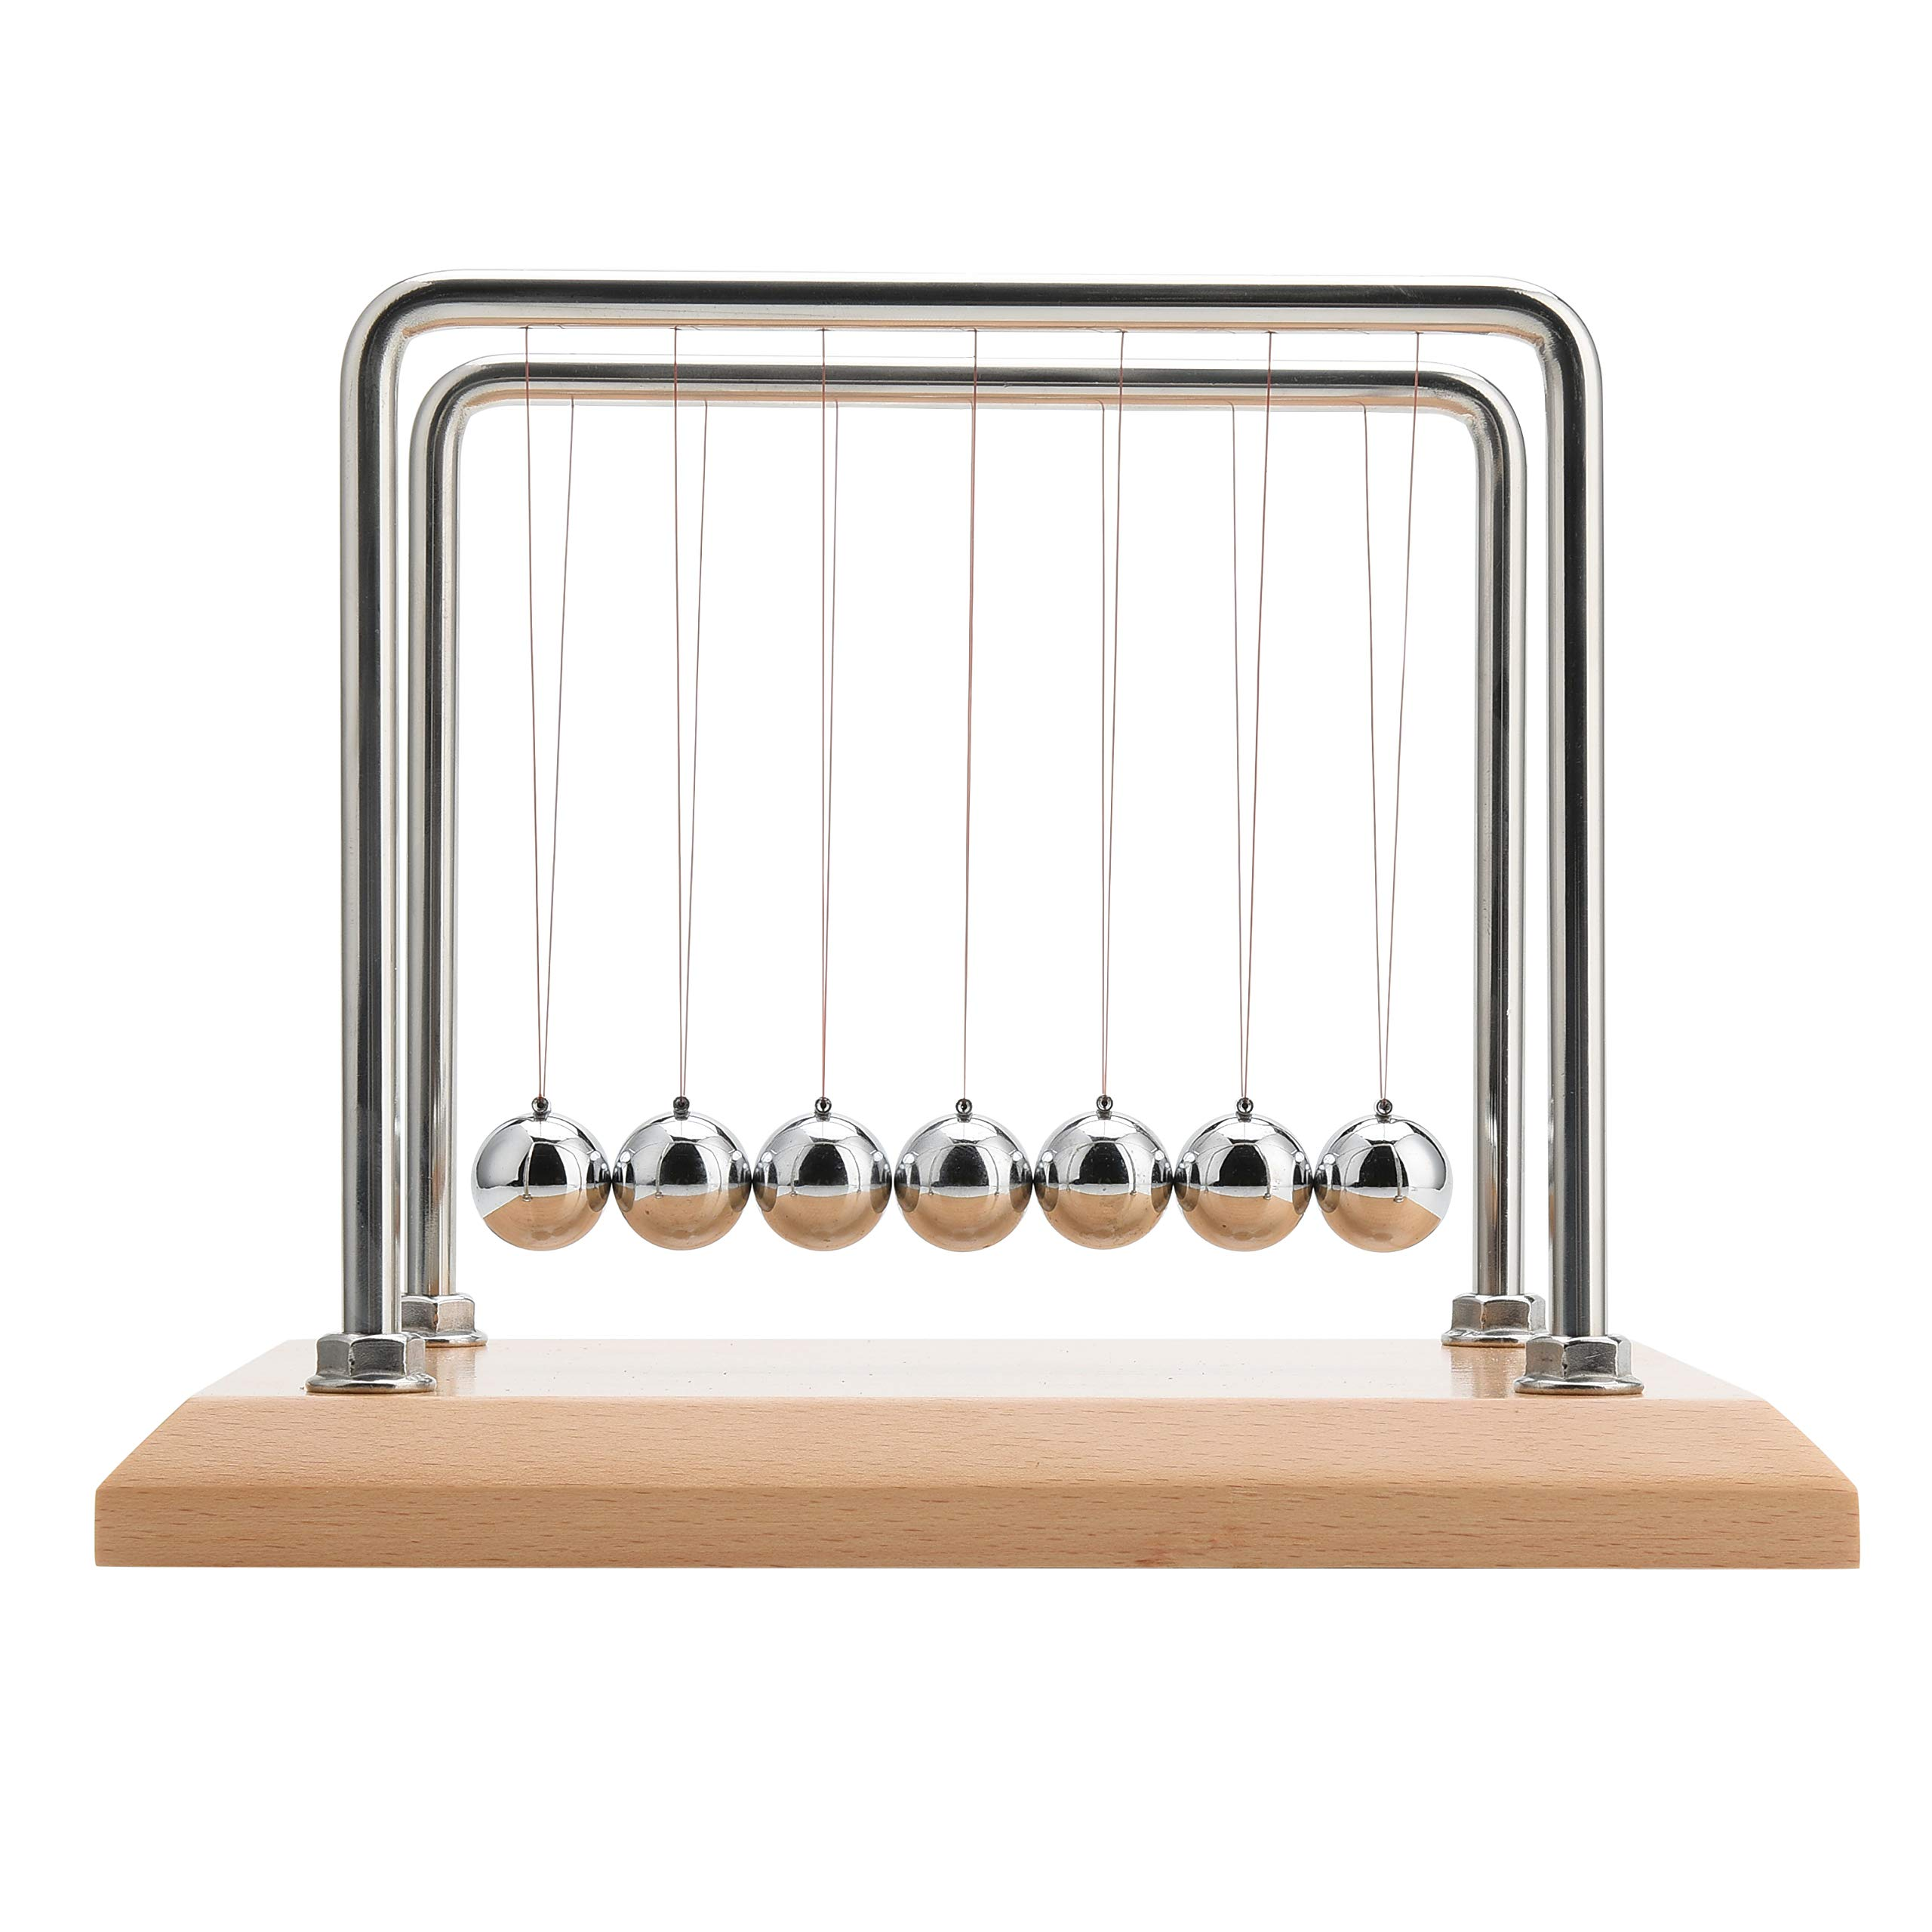 CERROPI 7 Balls Newton's Cradle - 11 Inch,Swing 50 Sec, 8mm Stainless Steel Frame, Nano-Tech String, Beech Base